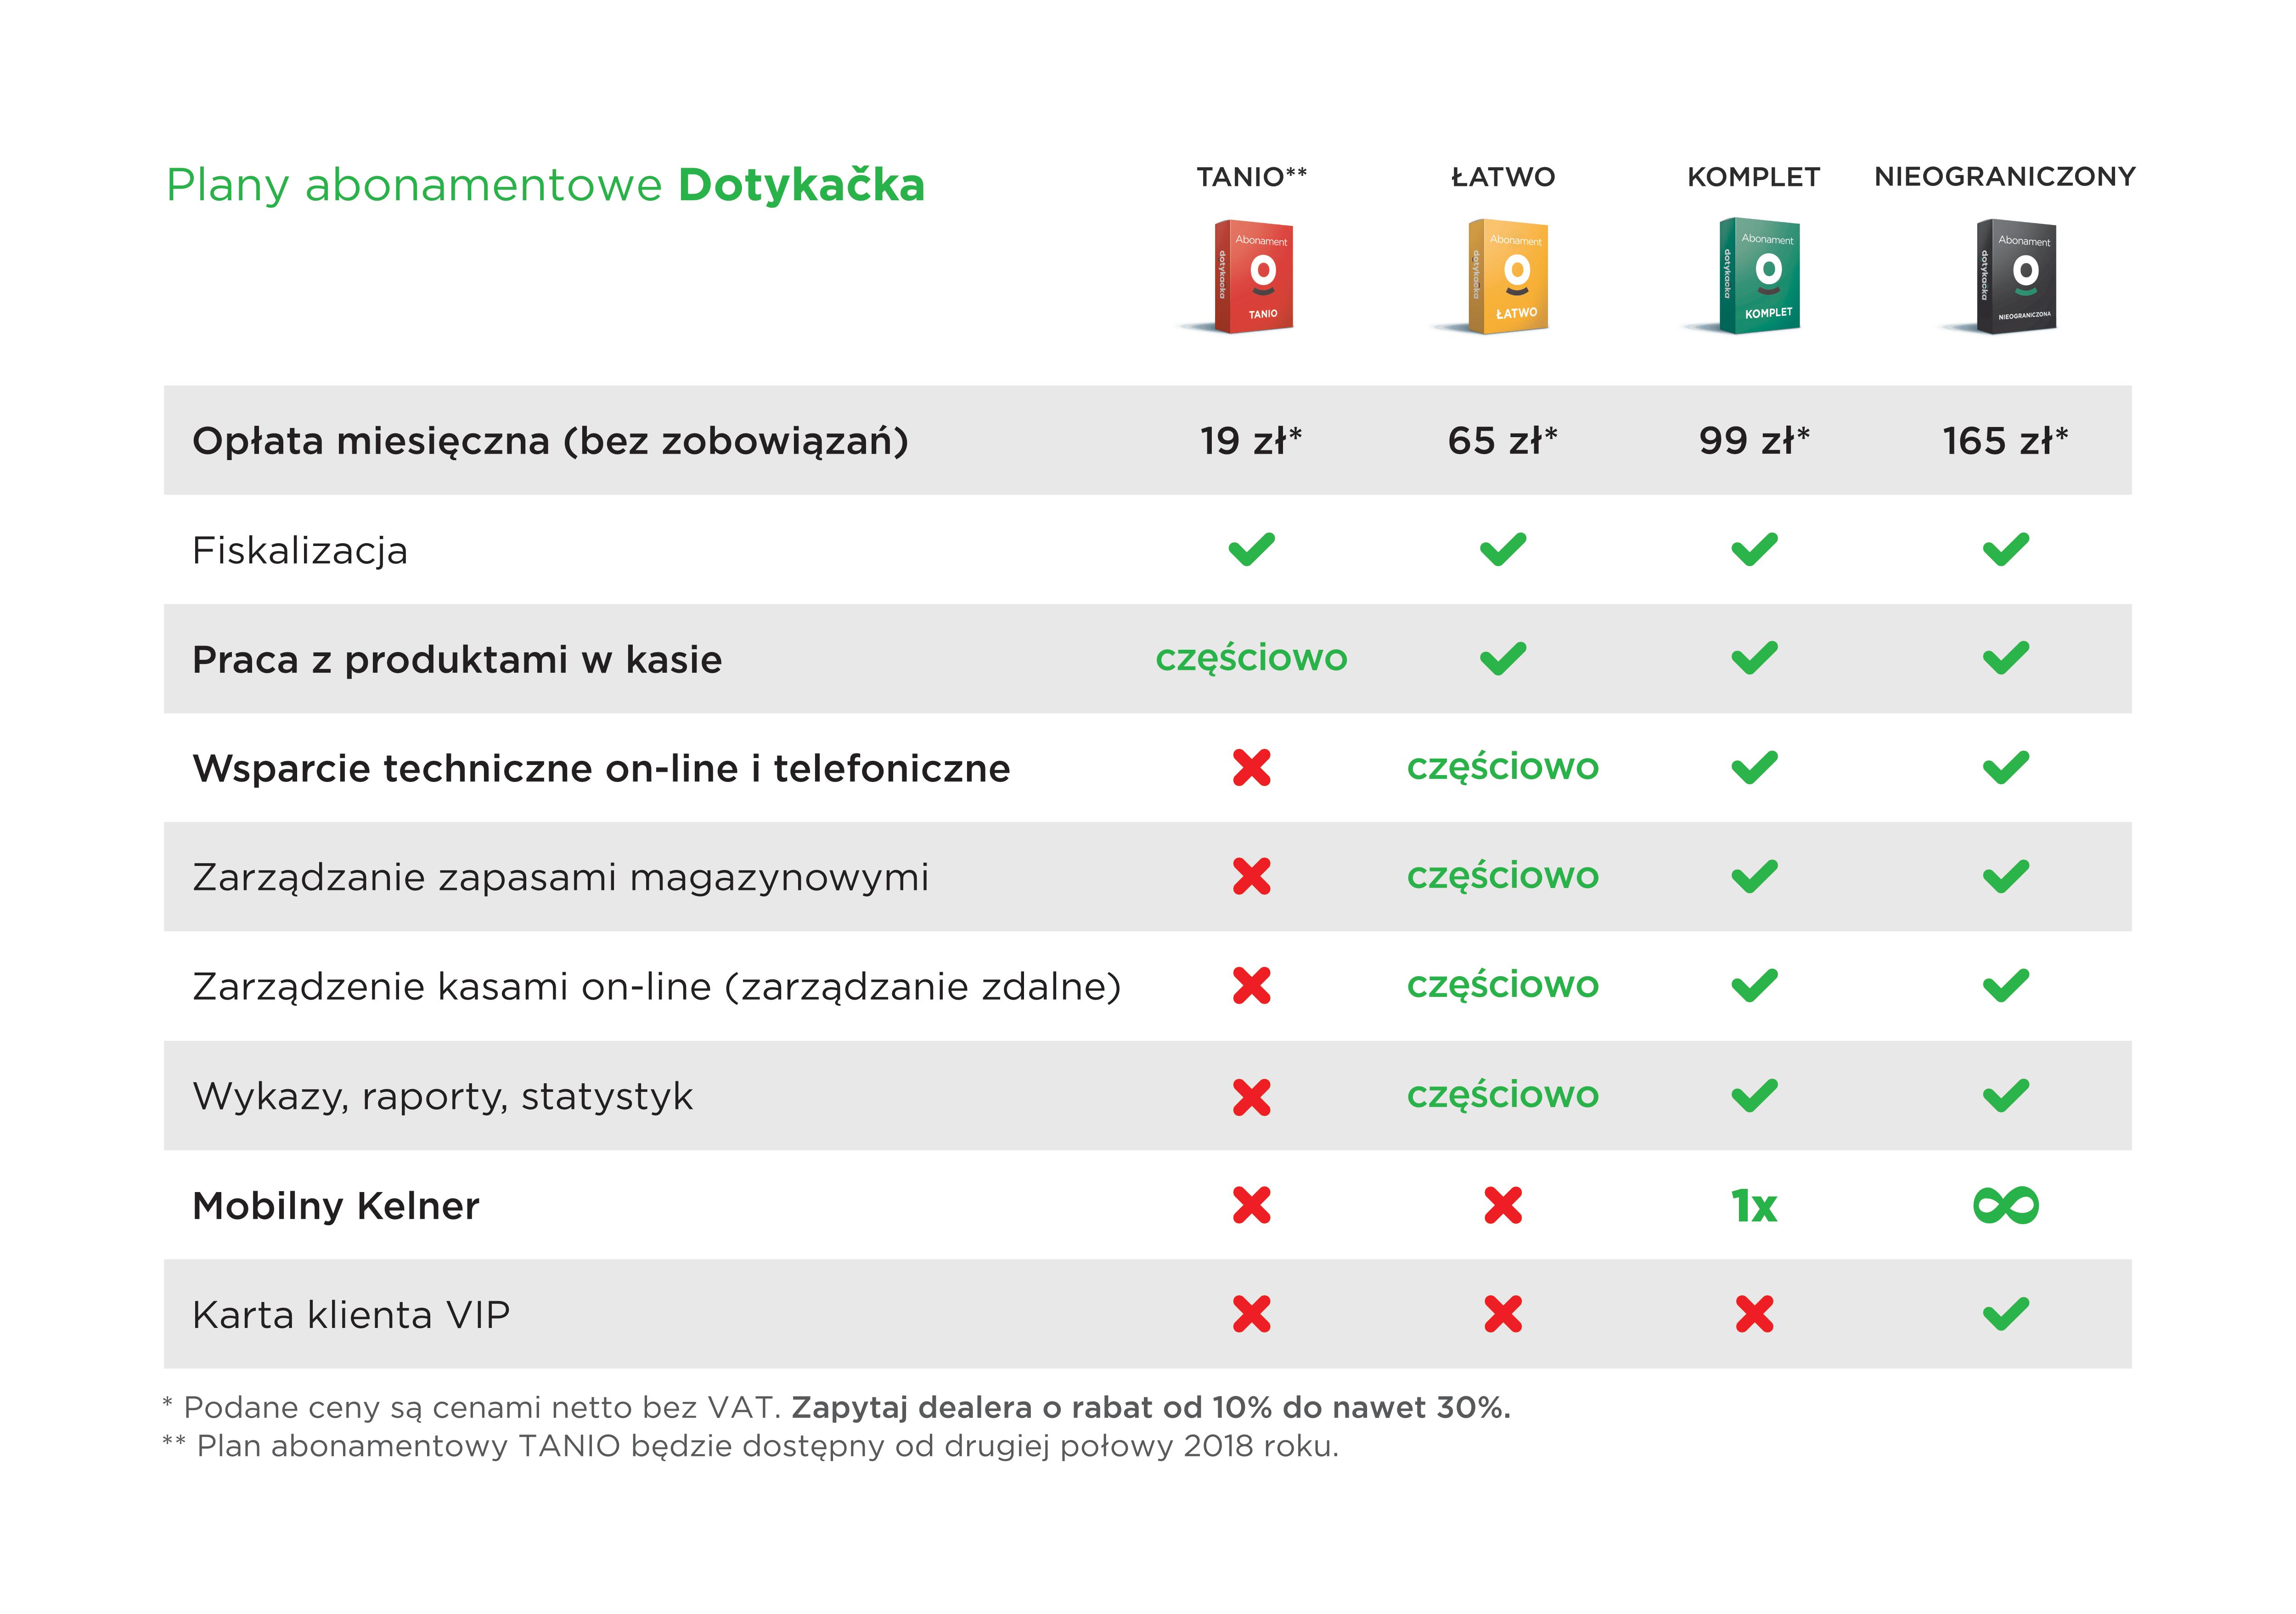 Dotykacka Abonamenty Sale System Warszawa